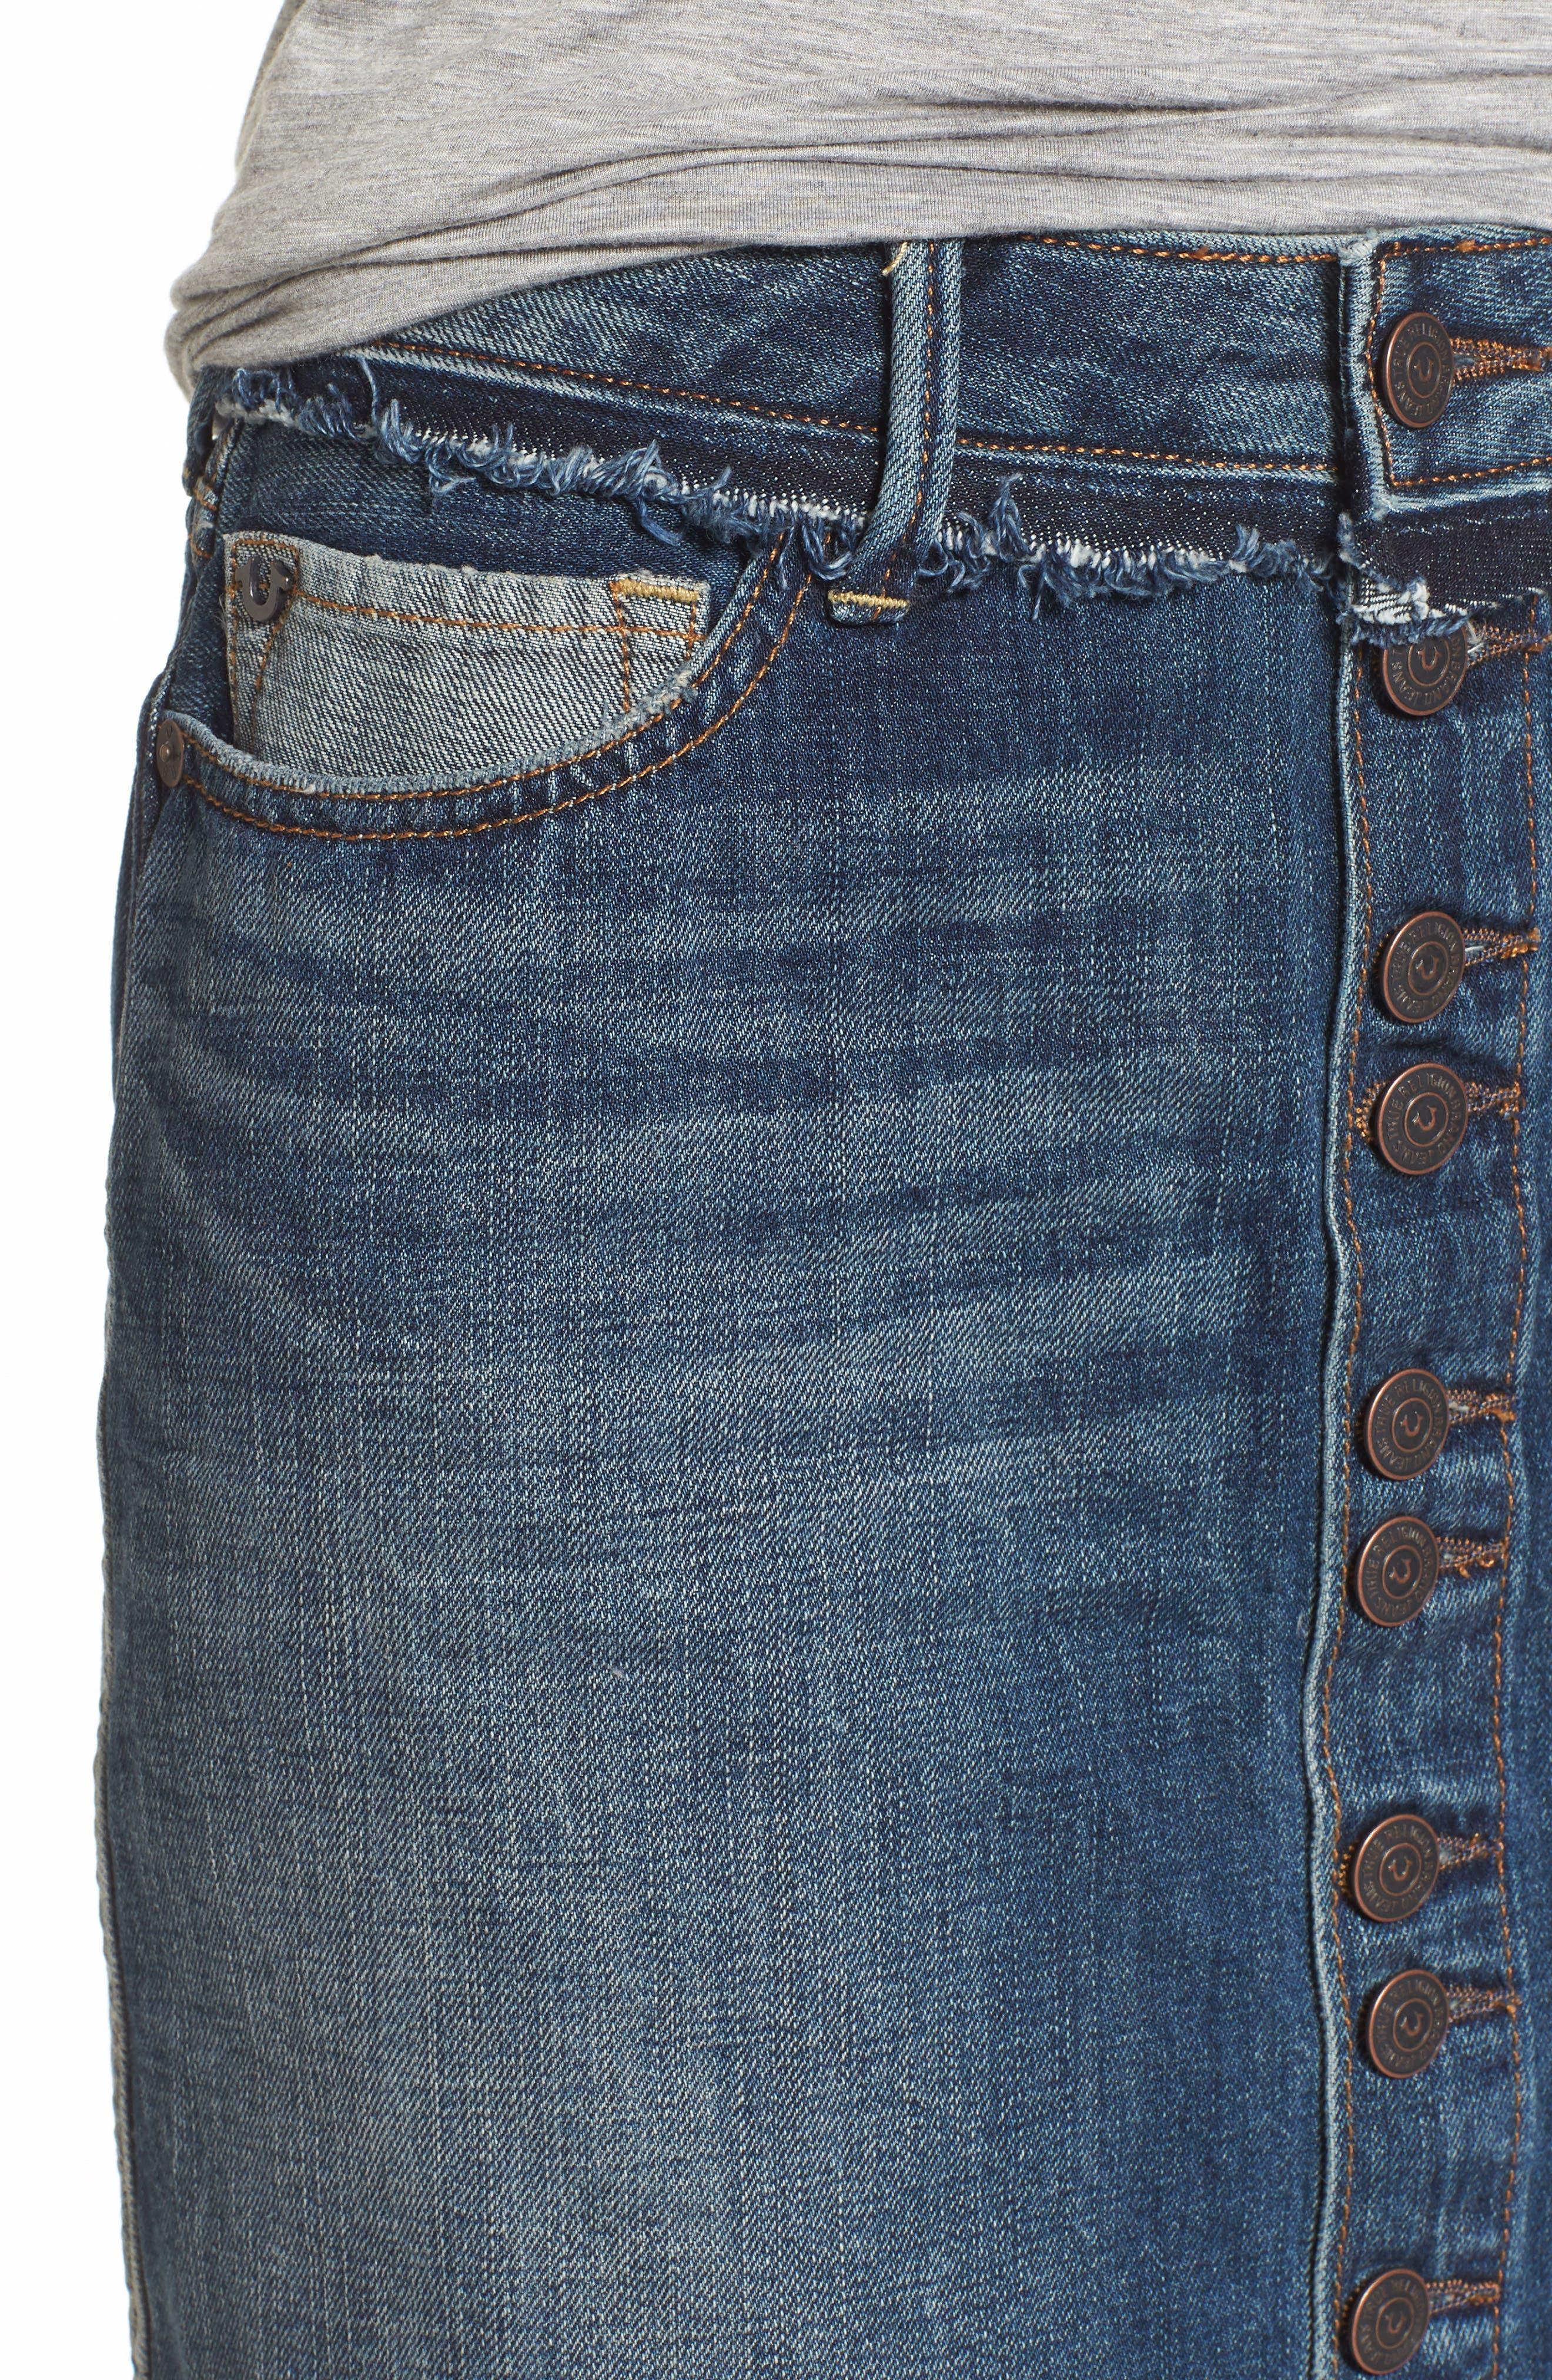 Deconstructed Denim Skirt,                             Alternate thumbnail 4, color,                             Broken Record